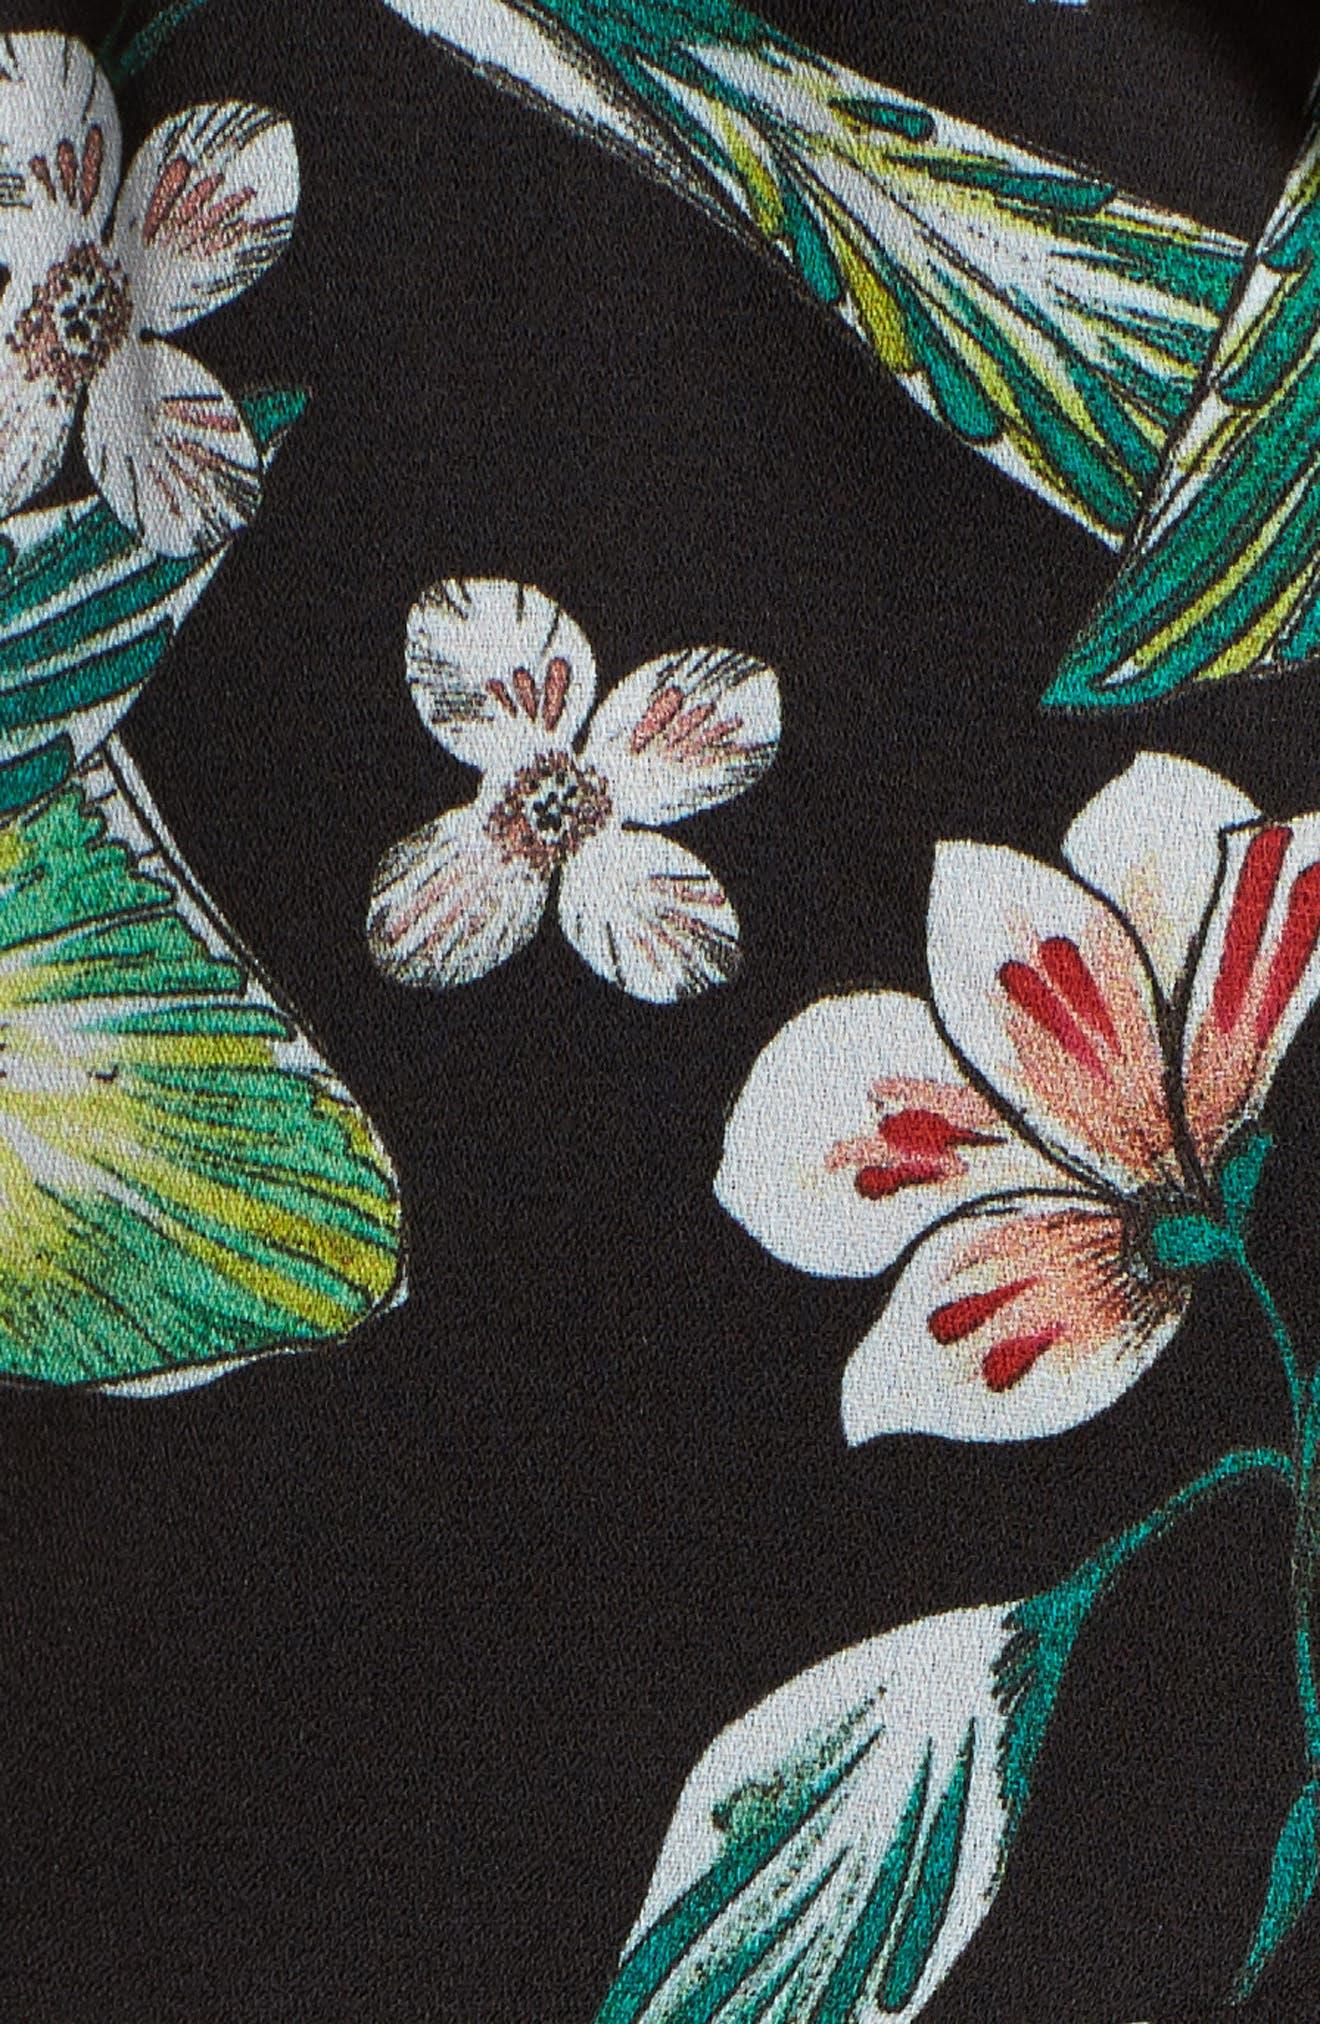 Kimi Floral Jumpsuit,                             Alternate thumbnail 5, color,                             001